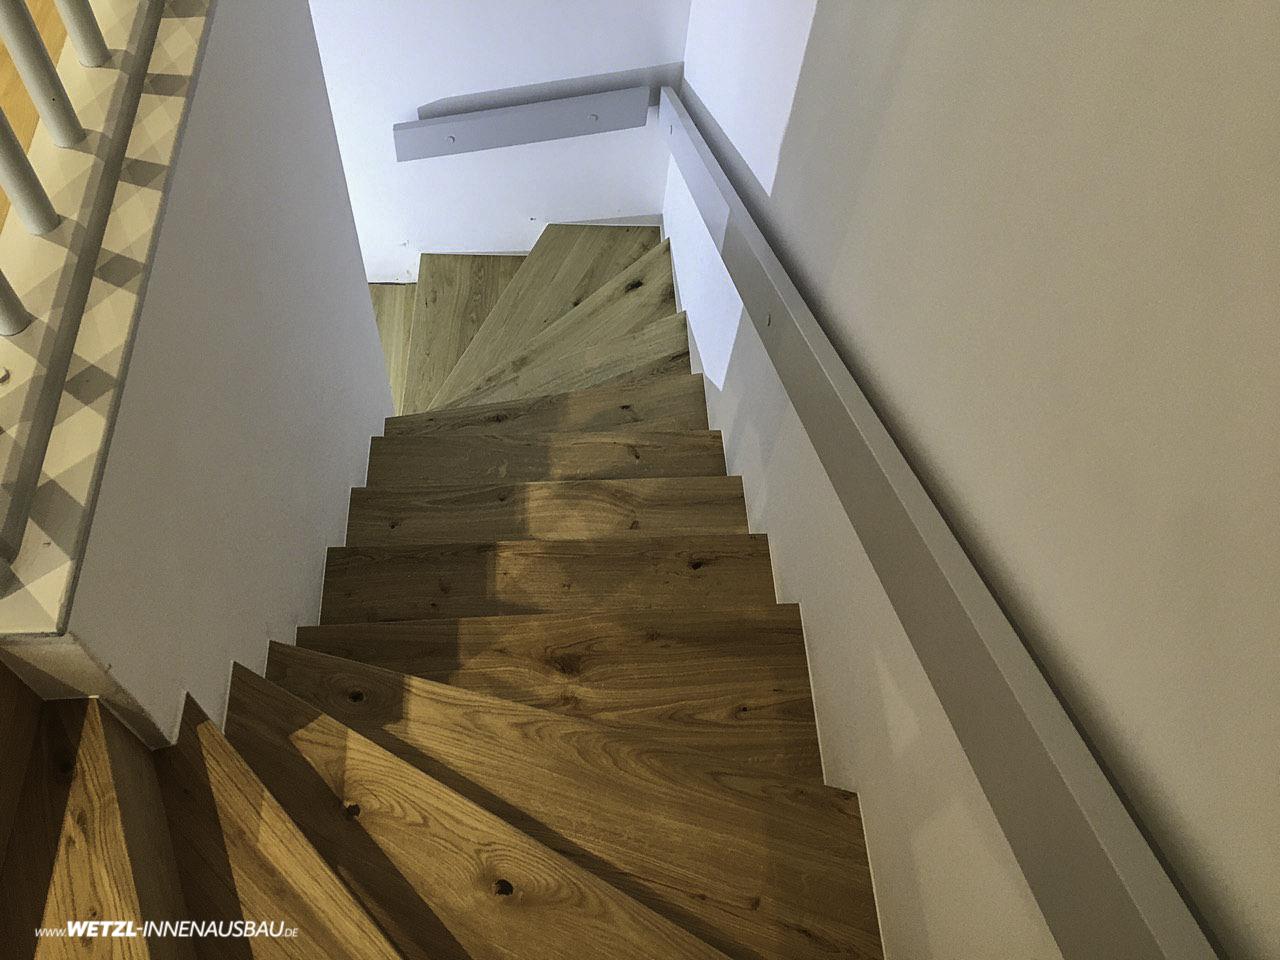 https://wetzl-innenausbau.de/wp-content/uploads/2020/07/wetzl-innenausbau_münchen_treppenhaus-erneuert-13.jpg